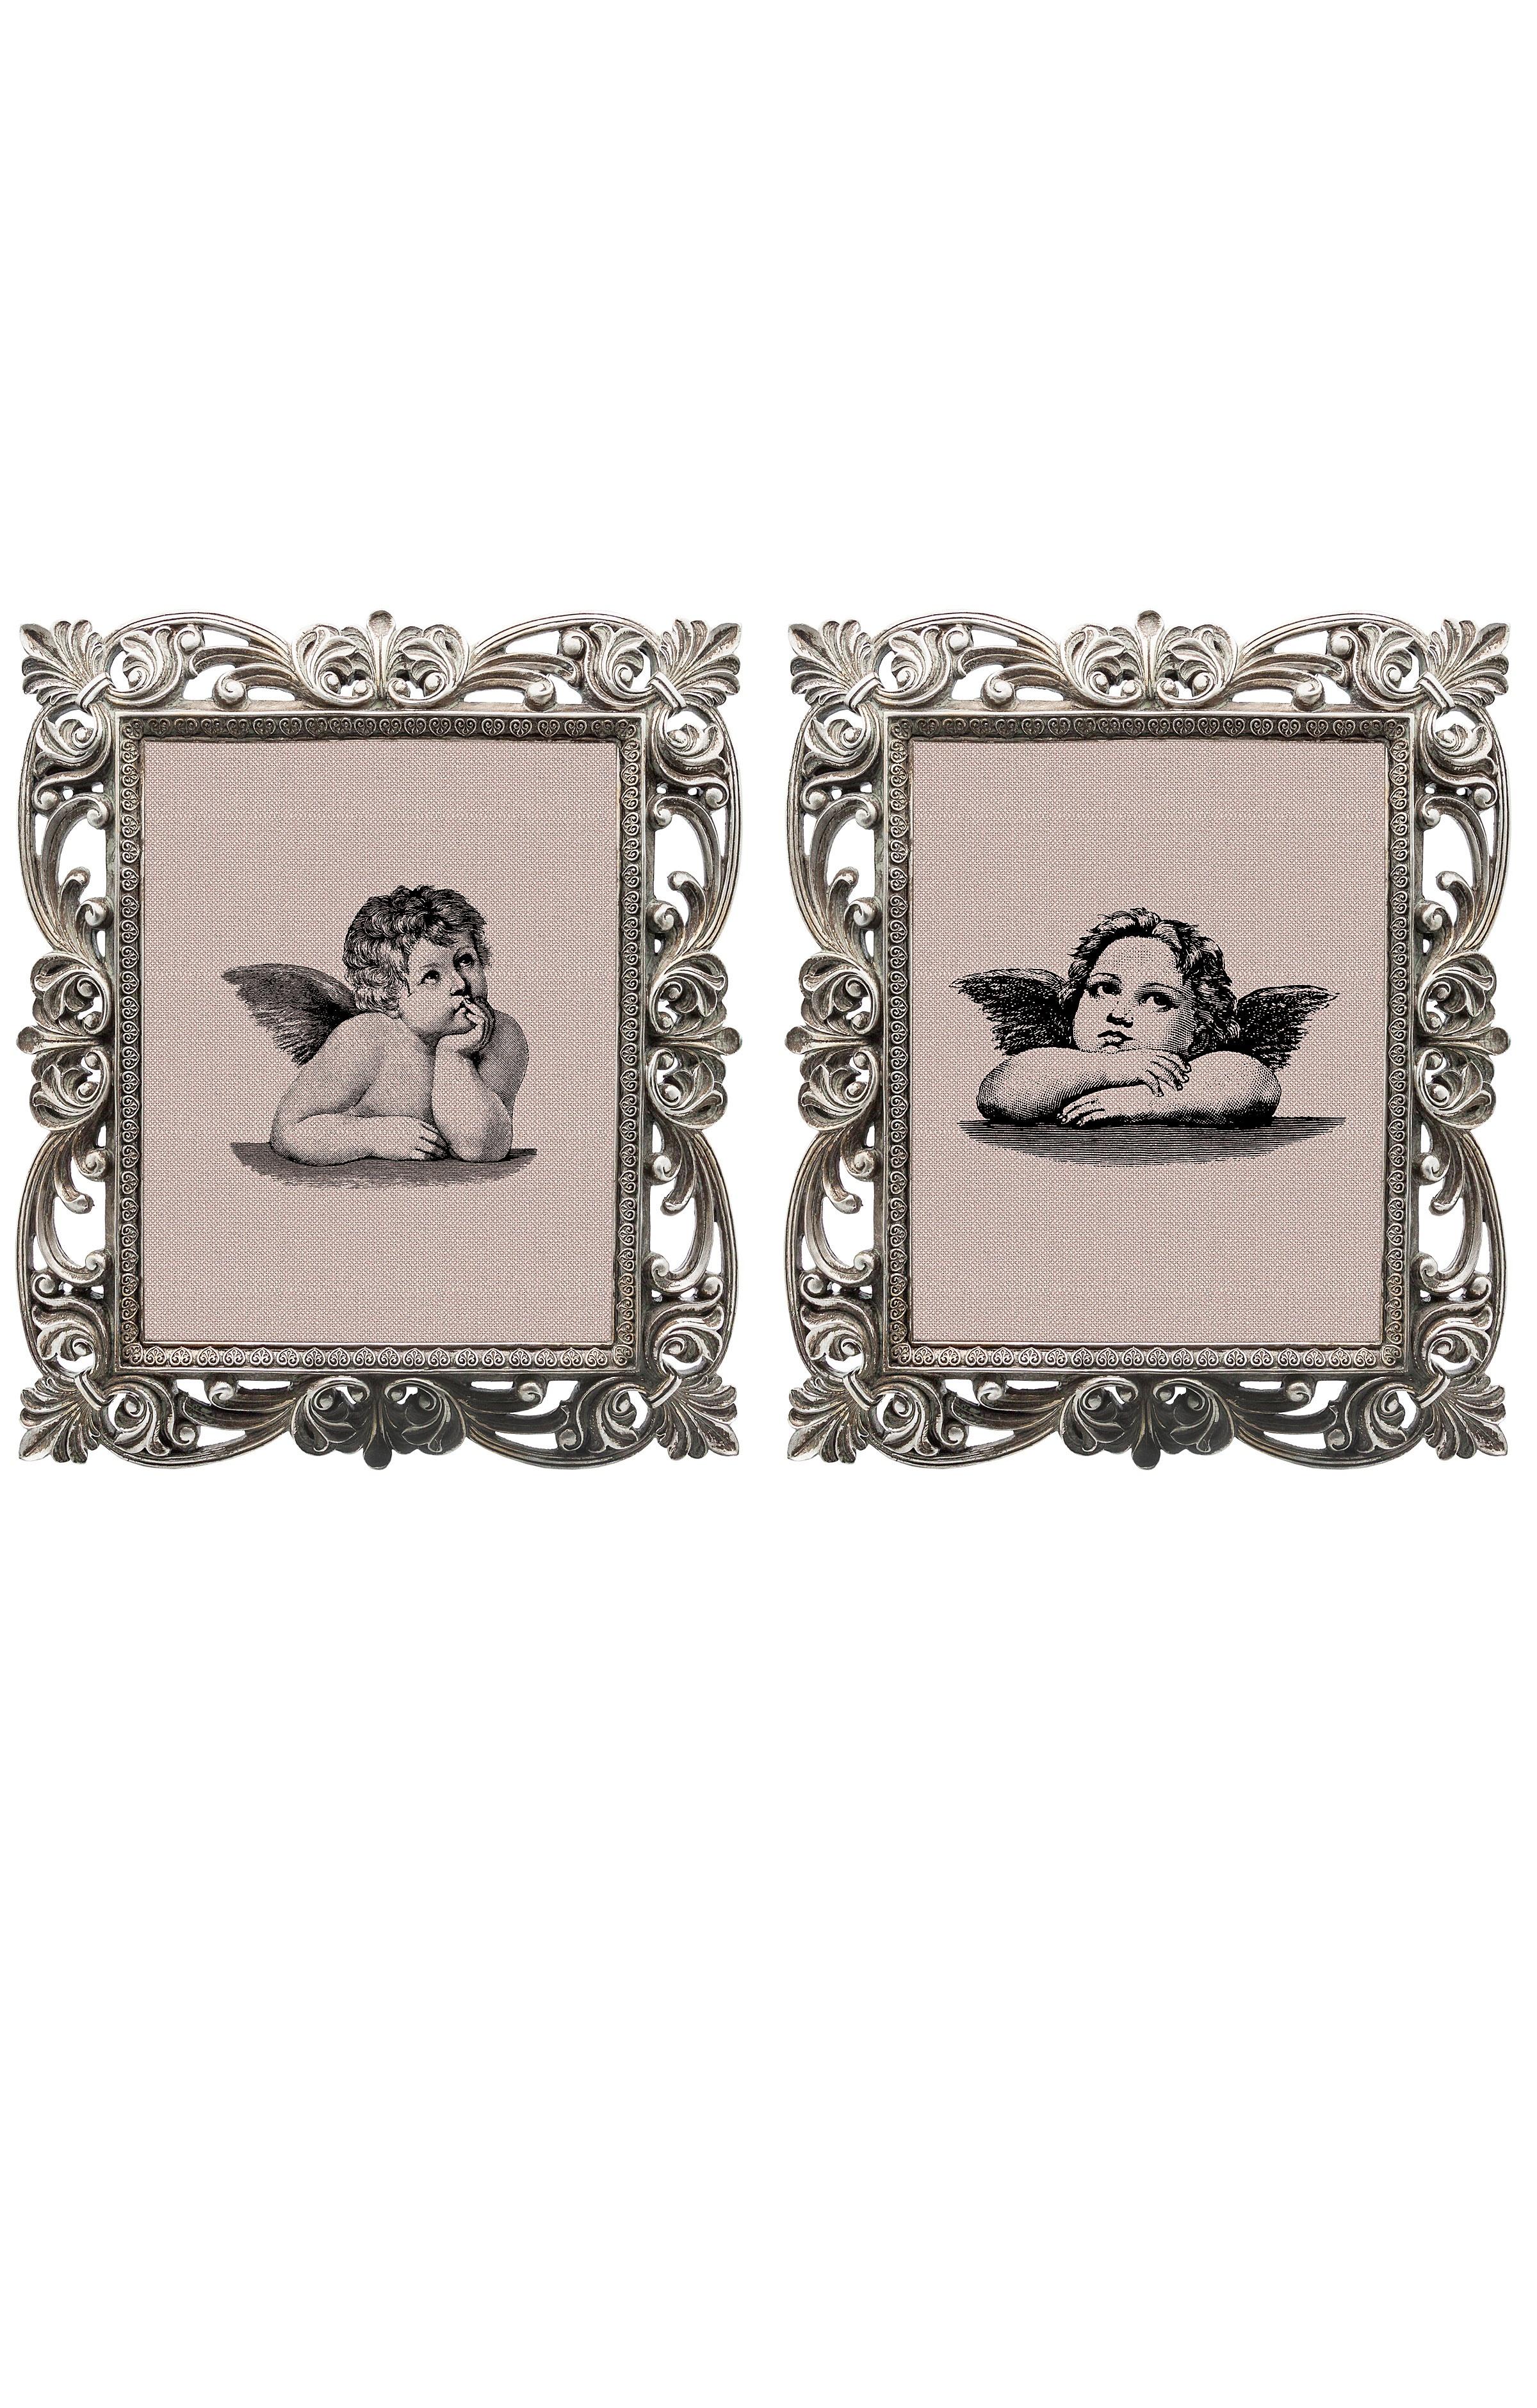 Набор из двух репродукций старинных картин в раме Беатрис. Ангелы сантиКартины<br>&amp;lt;div&amp;gt;Репродукции старинных изображений «Ангелы Санти» — словно череда вековых романтических дежавю. Этот предмет декора демонстрирует взыскательный вкус владельца и вызывает у гостей живой интерес к домашнему убранству. Созданная удивлять и ежедневно дарить прекрасное настроение, эти старинные гравюра займут достойное место в Вашем интерьере. Искусная техника состаривания придает рамам особую теплоту и винтажность. Благородная патина на поверхности рам — интригующее приглашение к прогулке в мир старинных реликвий! Картины можно повесить на стену, а можно поставить, например, на стол или камин. Если Вам захочется обновить интерьер, Вы можете с легкостью заменить изображение картин!&amp;lt;/div&amp;gt;&amp;lt;div&amp;gt;&amp;lt;br&amp;gt;&amp;lt;/div&amp;gt;&amp;lt;div&amp;gt;Изображение - дизайнерская бумага; рама - искуственный камень; защитный слой - стекло&amp;amp;nbsp;&amp;lt;/div&amp;gt;&amp;lt;div&amp;gt;цвет:мультиколор&amp;amp;nbsp;&amp;lt;/div&amp;gt;&amp;lt;div&amp;gt;&amp;lt;br&amp;gt;&amp;lt;/div&amp;gt;<br><br>Material: Бумага<br>Width см: 30<br>Depth см: 2,3<br>Height см: 35